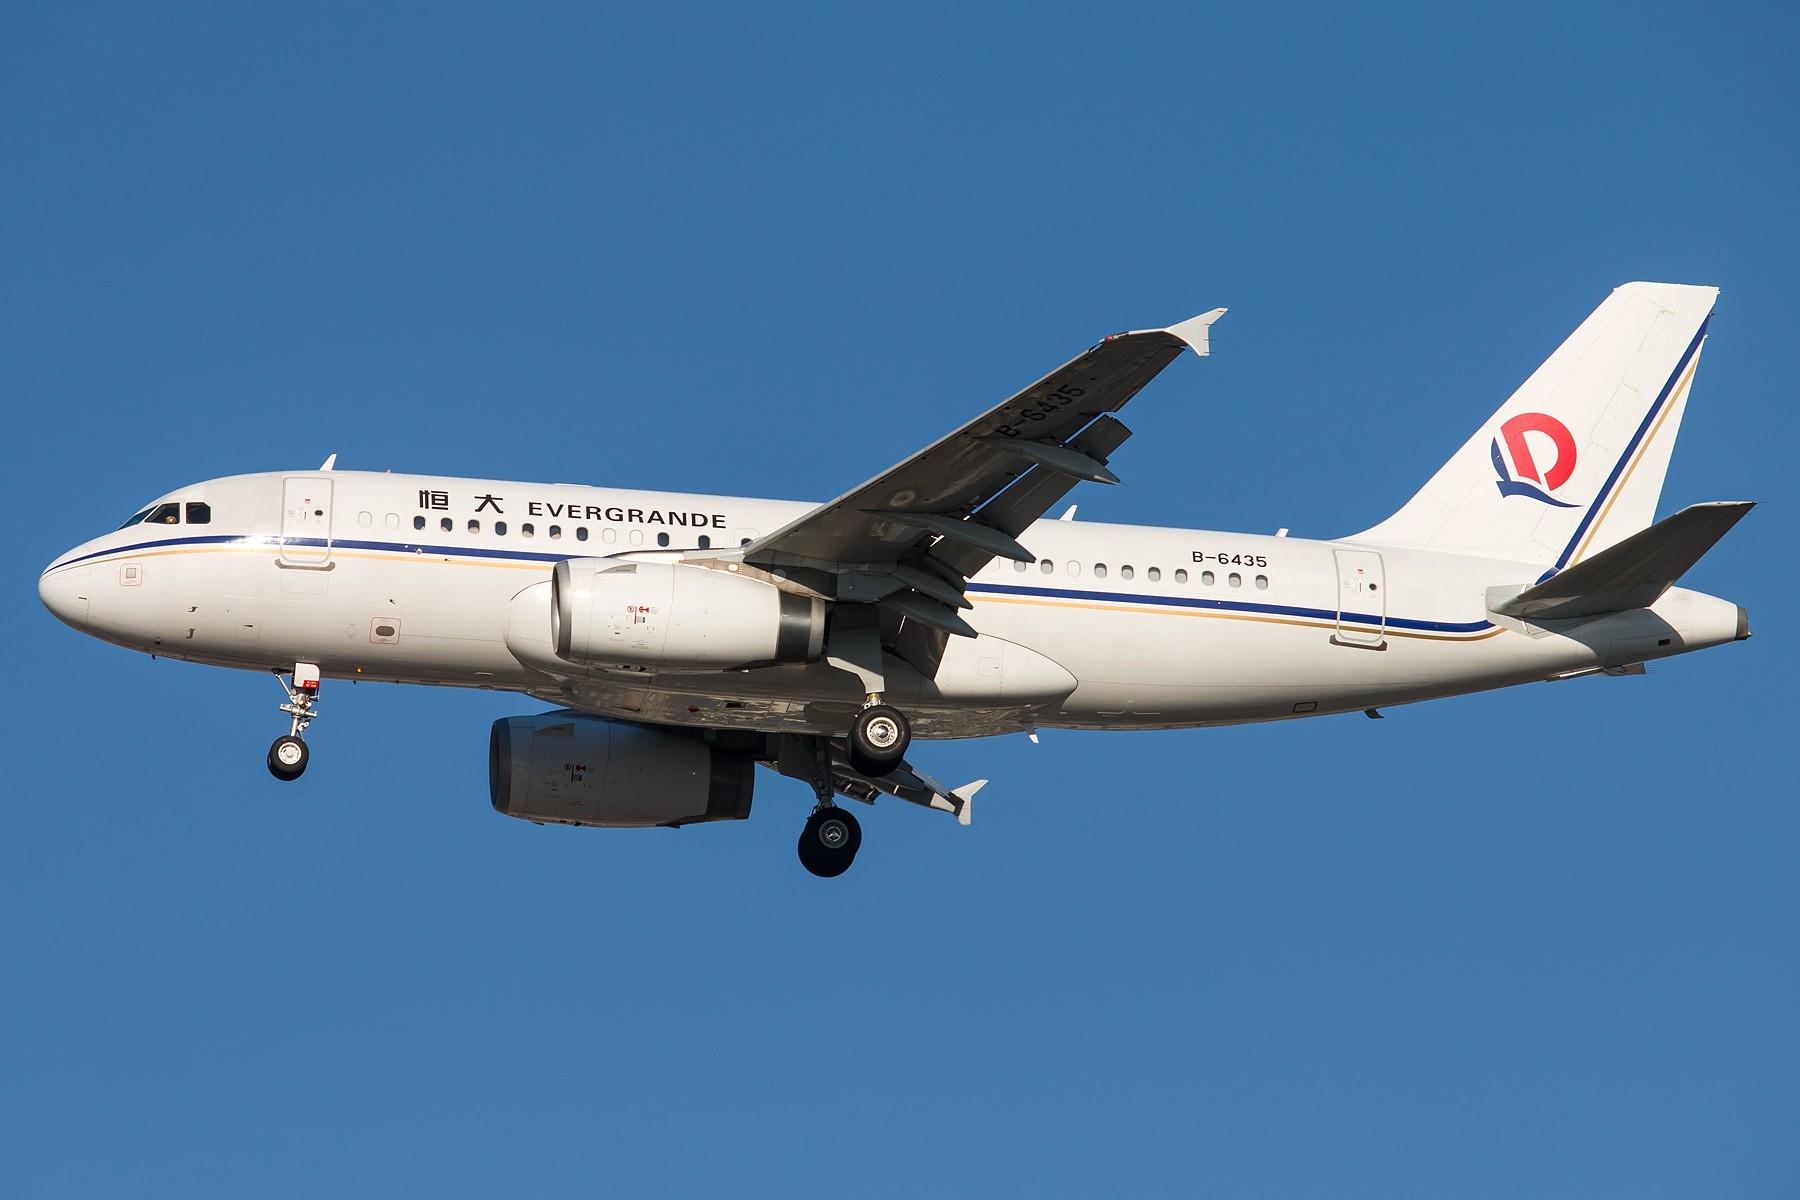 Re:[原创]杂图一组 1800*1200 AIRBUS A319-133CJ B-6435 中国北京首都国际机场